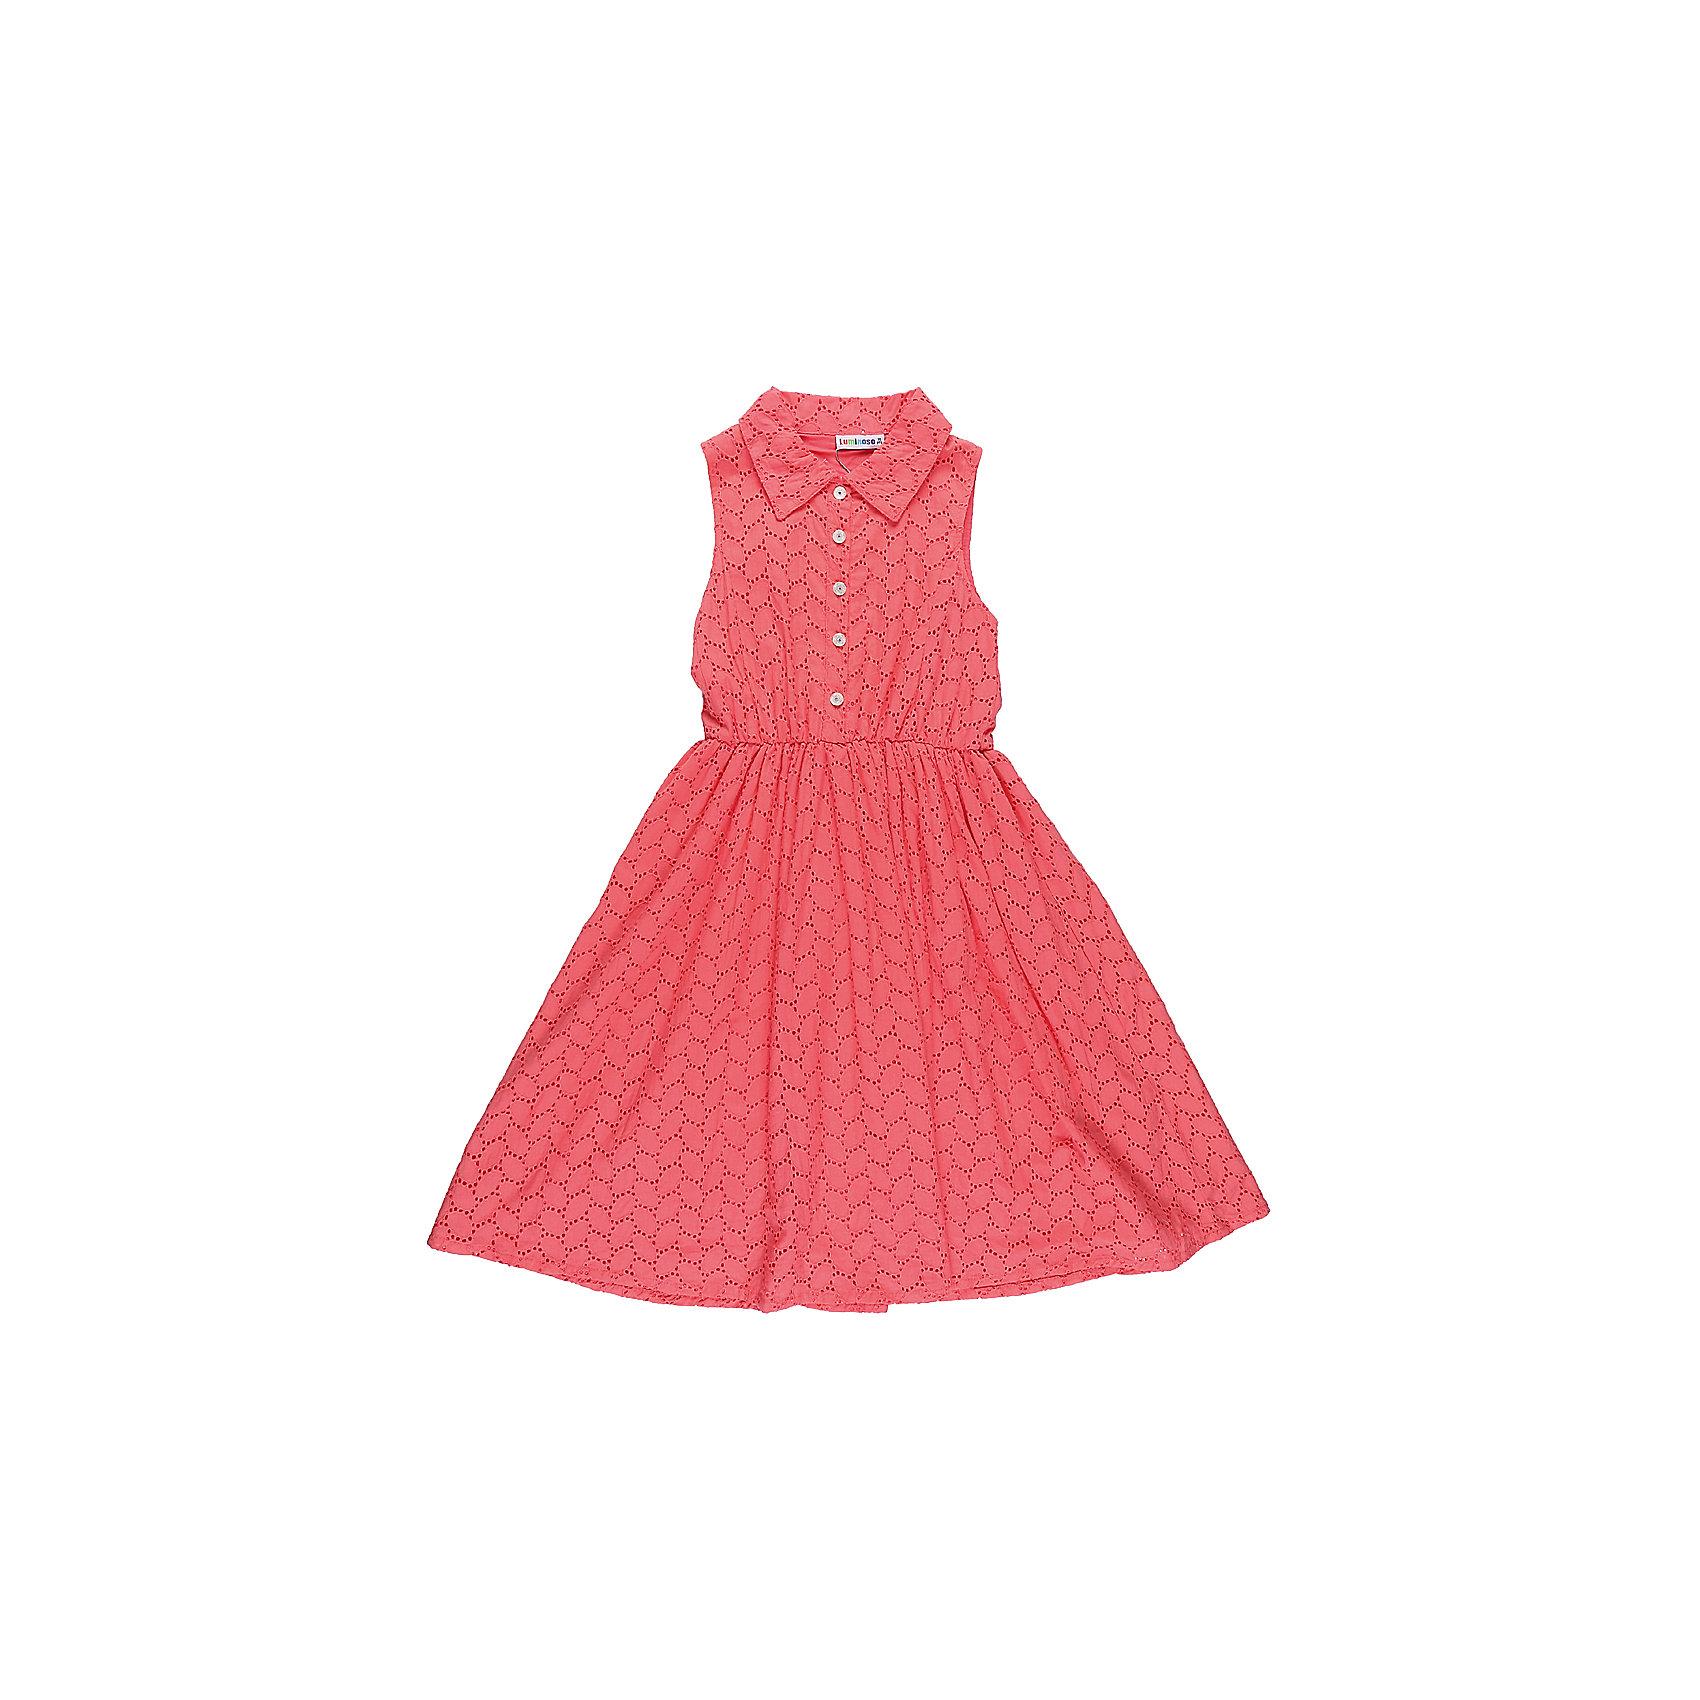 Платье для девочки LuminosoПлатья и сарафаны<br>Хлопкое платье для девочки из вышитого полотна с отложным воротничком. Декорирован пуговками. Приталенный крой.<br>Состав:<br>Верх: 100% хлопок, Подкладка: 100%хлопок<br><br>Ширина мм: 236<br>Глубина мм: 16<br>Высота мм: 184<br>Вес г: 177<br>Цвет: красный<br>Возраст от месяцев: 96<br>Возраст до месяцев: 108<br>Пол: Женский<br>Возраст: Детский<br>Размер: 134,140,146,152,158,164<br>SKU: 5413550